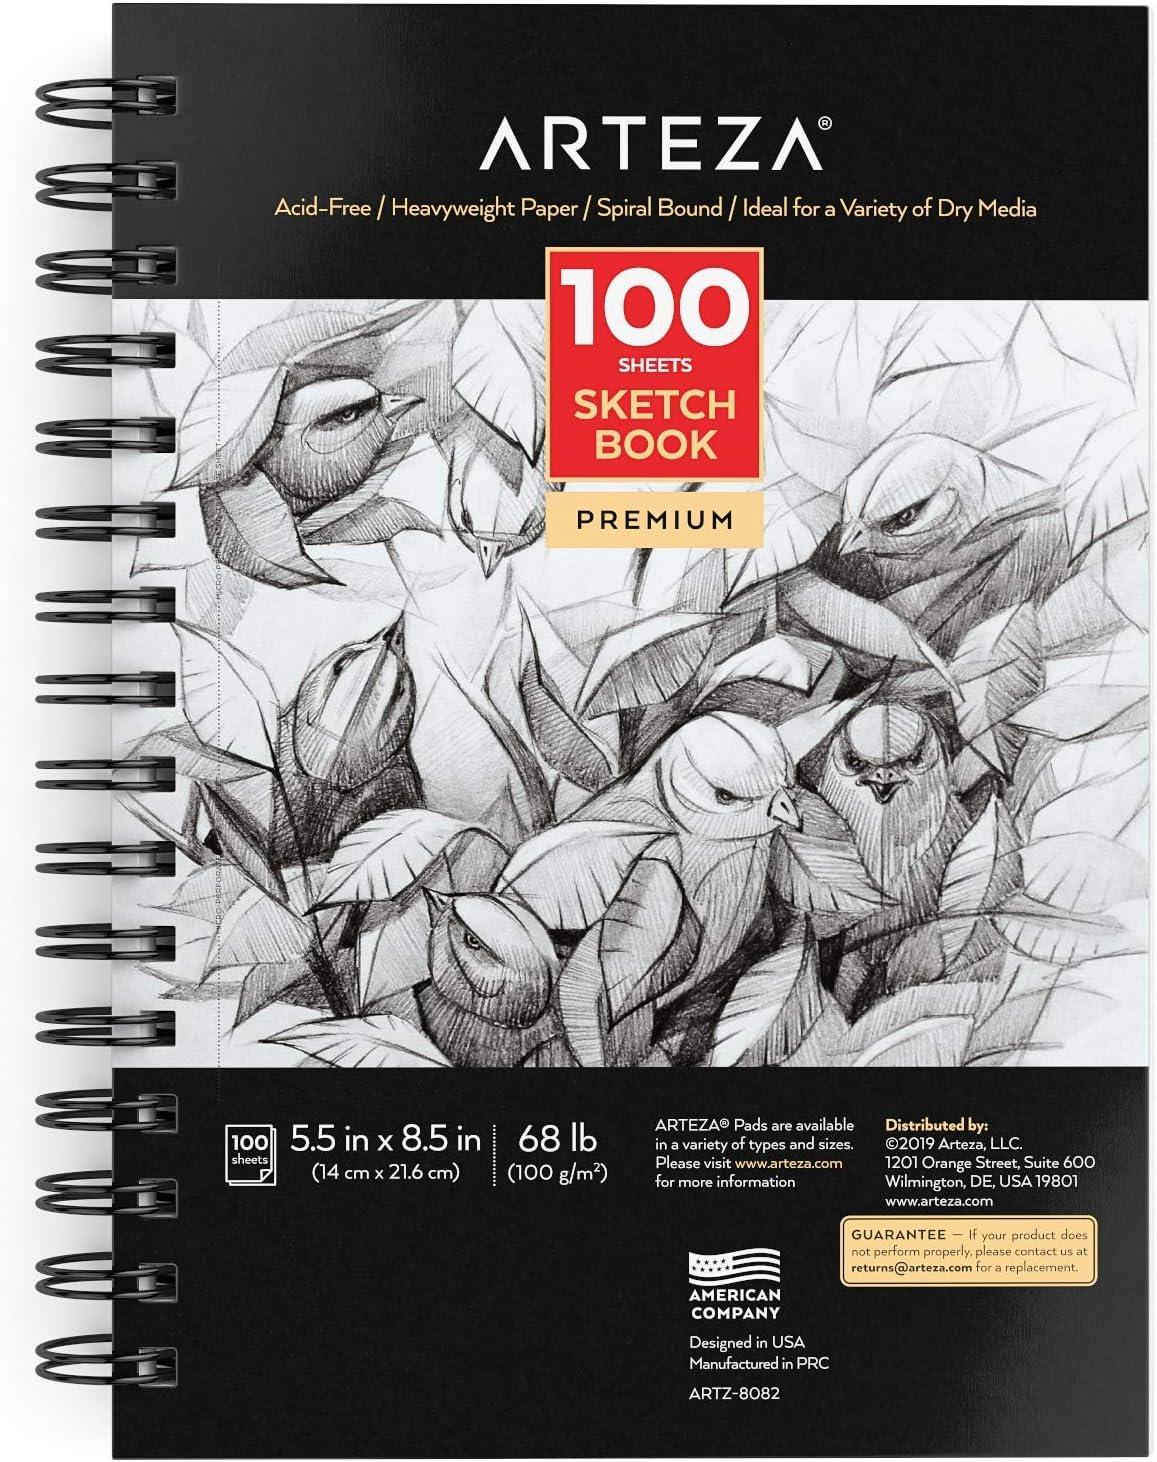 Arteza Cuadernos de dibujo, Tamaño 13,9 x 21,6 cm, Pack de 3 blocs en espiral de doble anilla, 100 hojas cada uno, Papel blanco brillante de 100 gsm para dibujo artístico sin